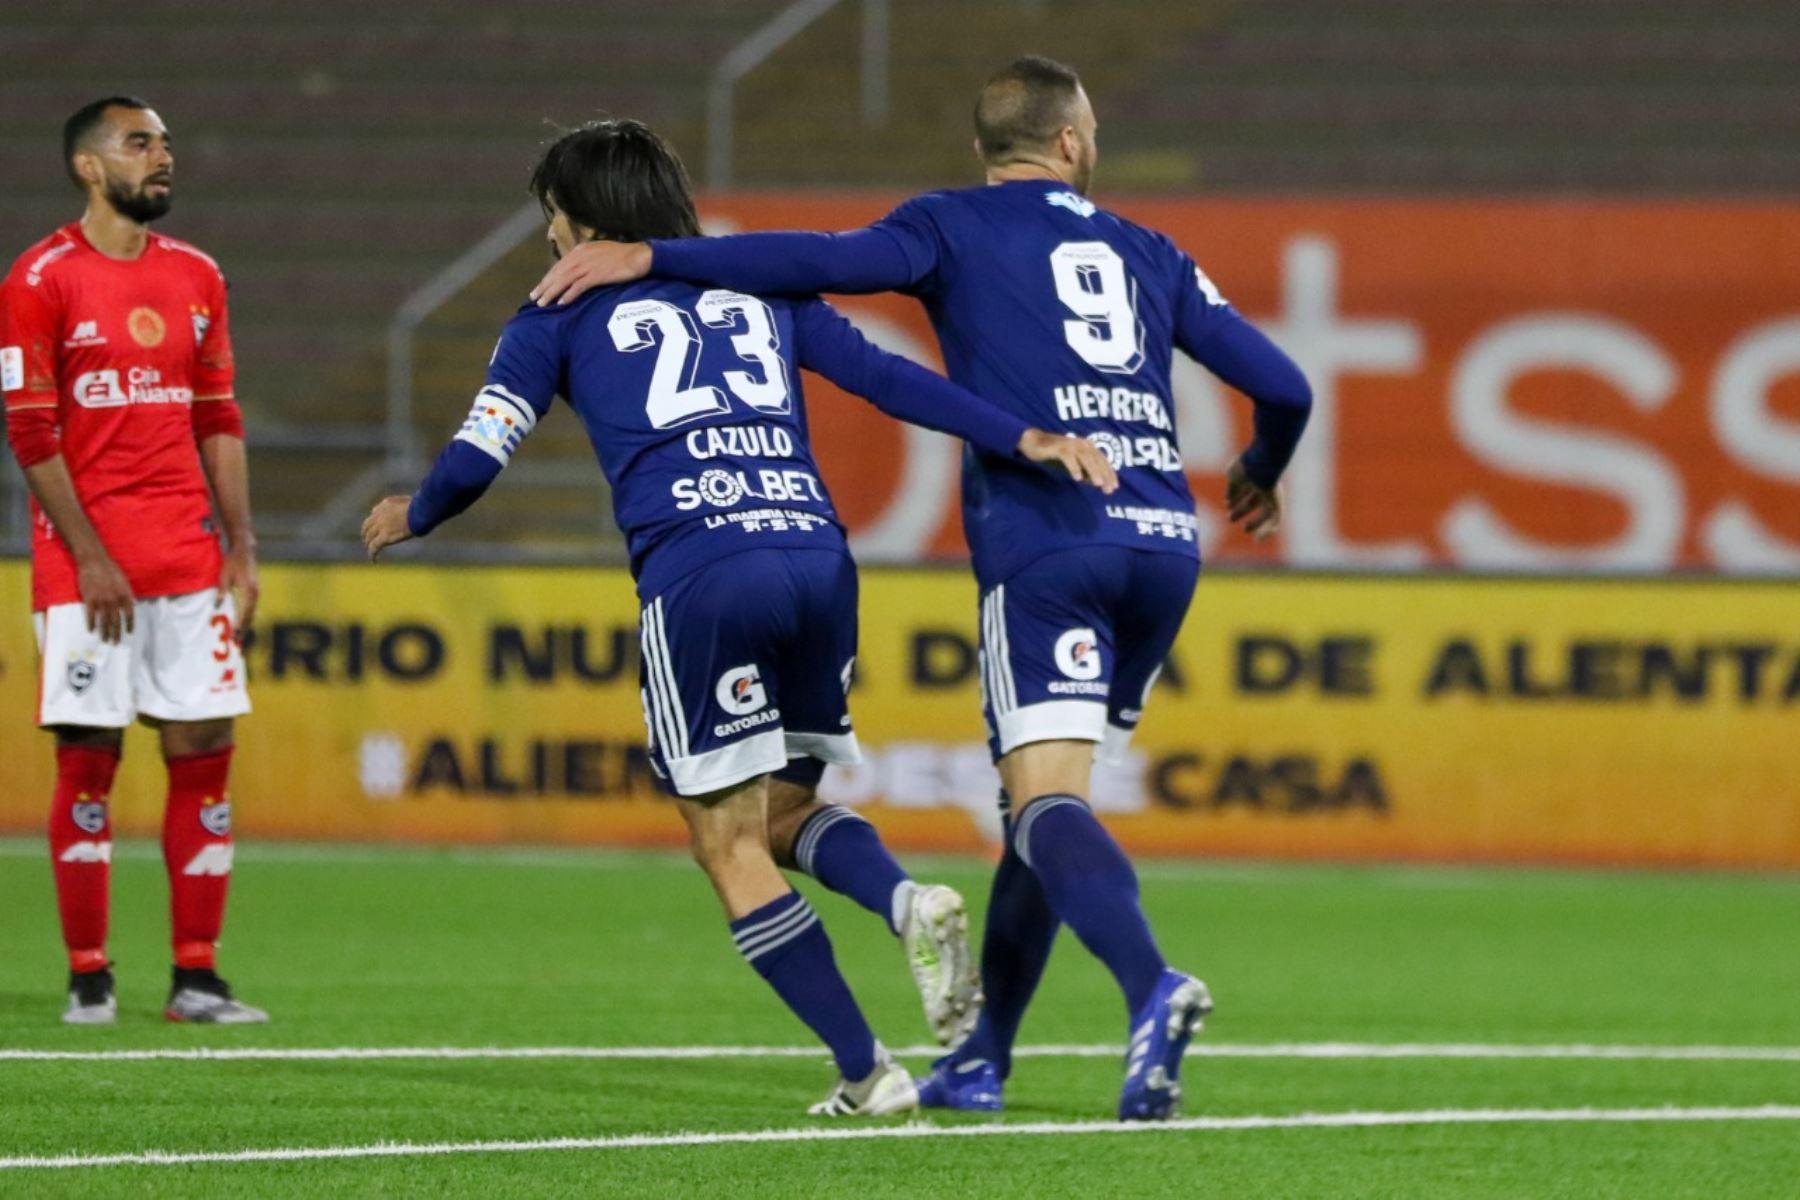 Jorge Cazulo del Sporting Cristal celebra su gol del triunfo, en partido de la fecha 1 Fase 2 de la Liga Movistar, en el estadio UNMSM. Foto: ANDINA/ Liga 1